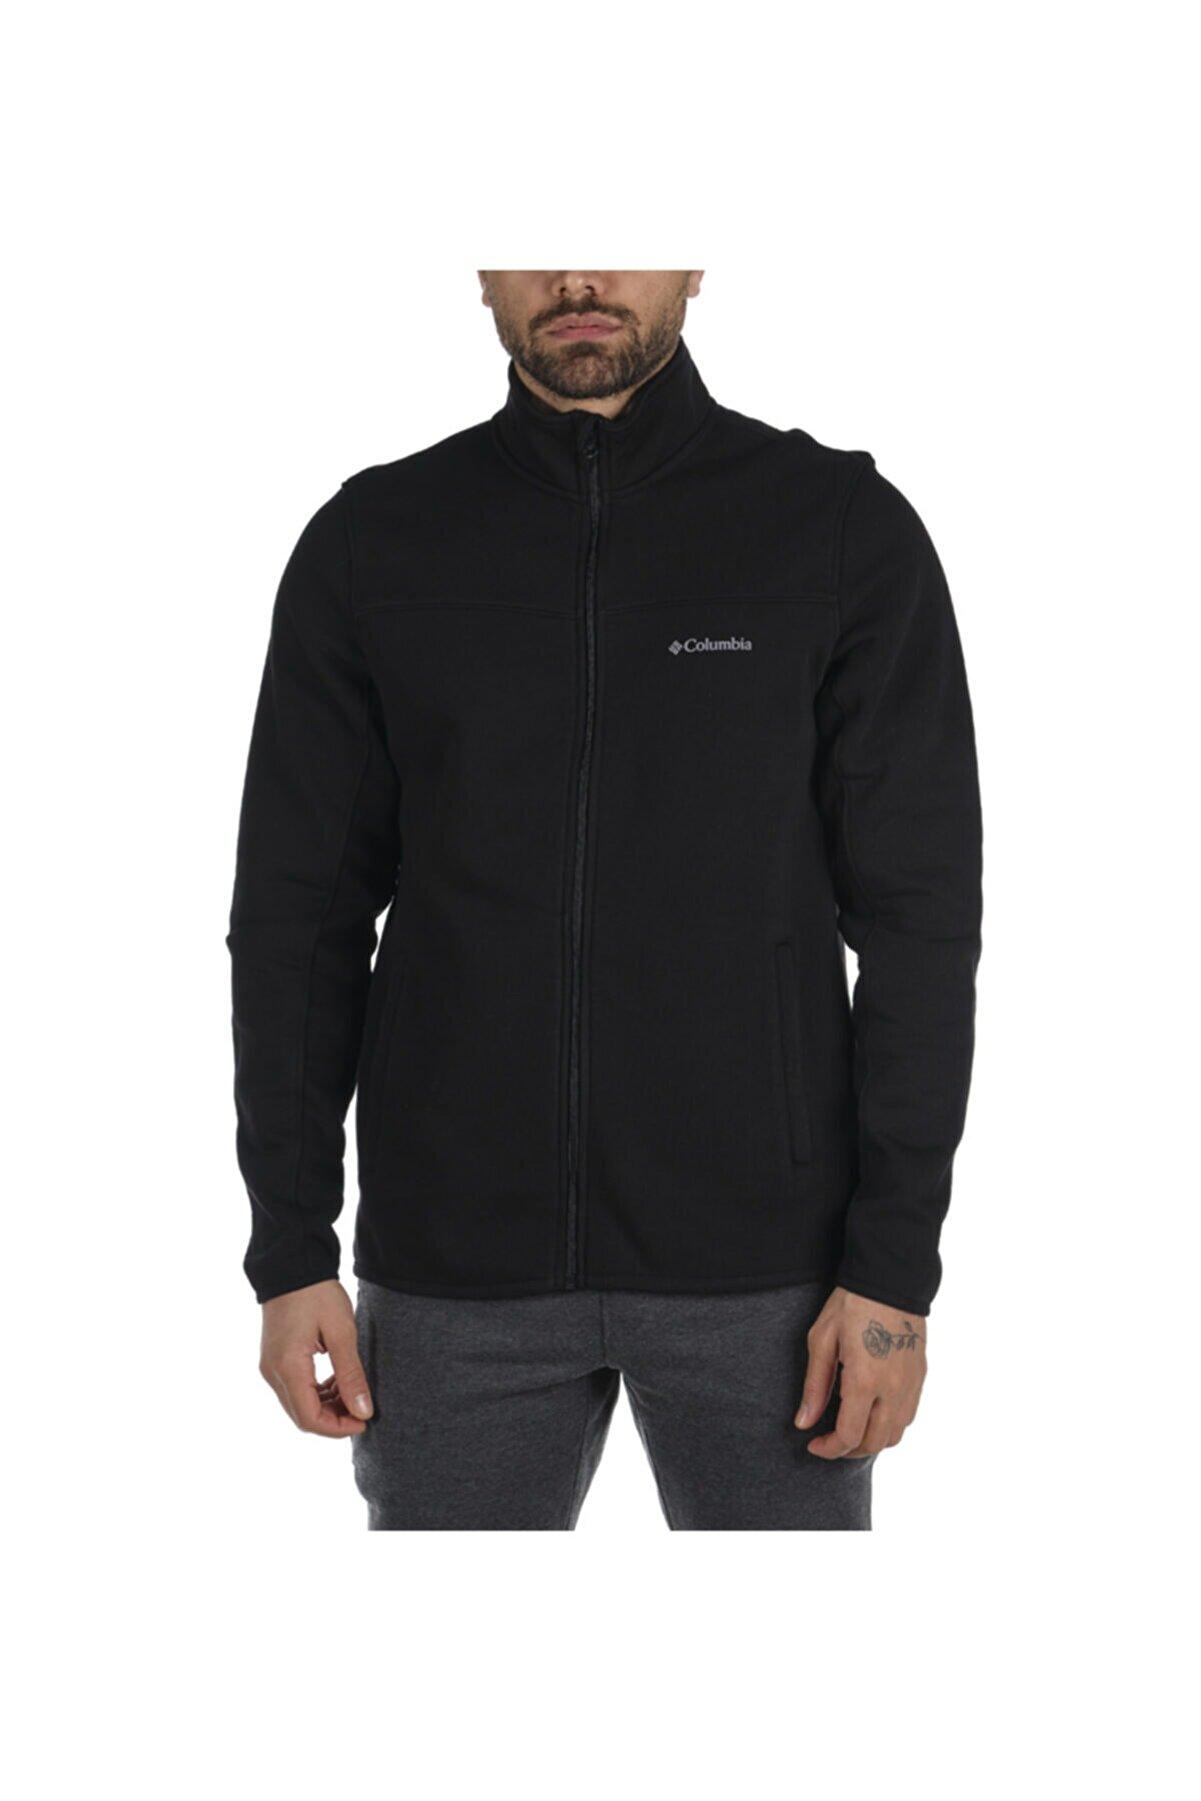 Columbia Csc Basic Logo™ Track Top Siyah Erkek Sweatshirt